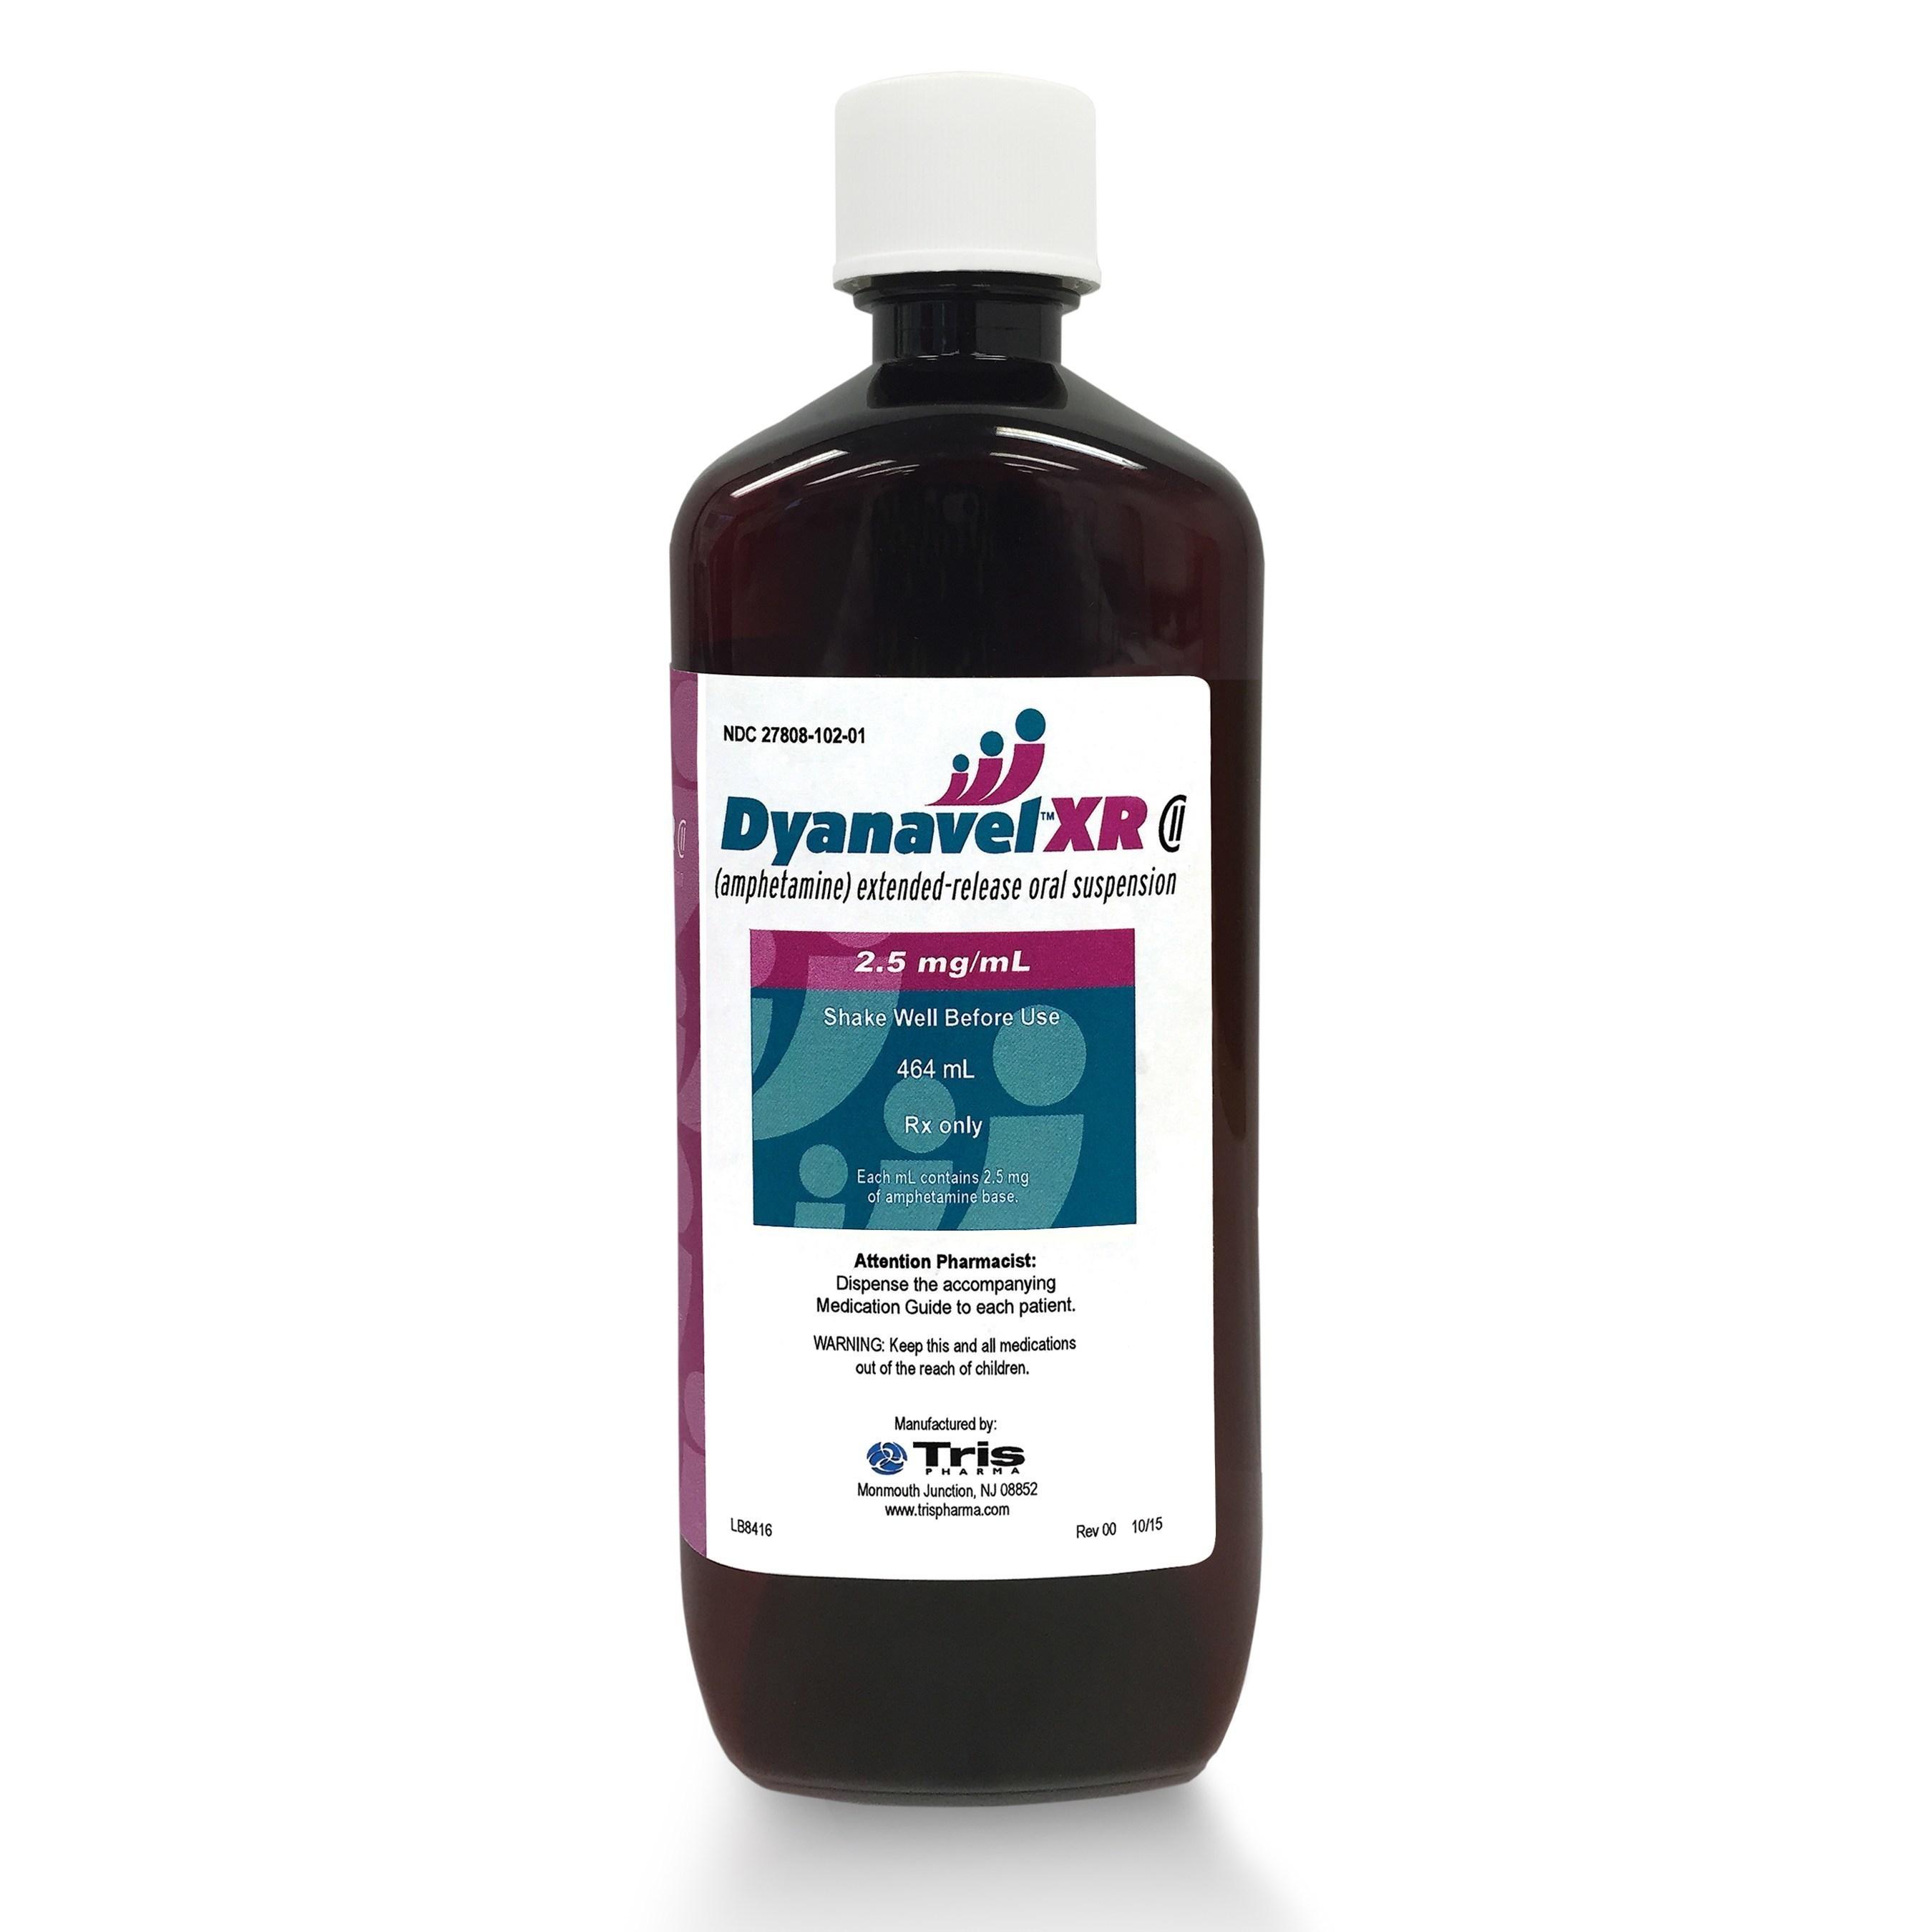 Dyanavel XR 464 mL Bottle